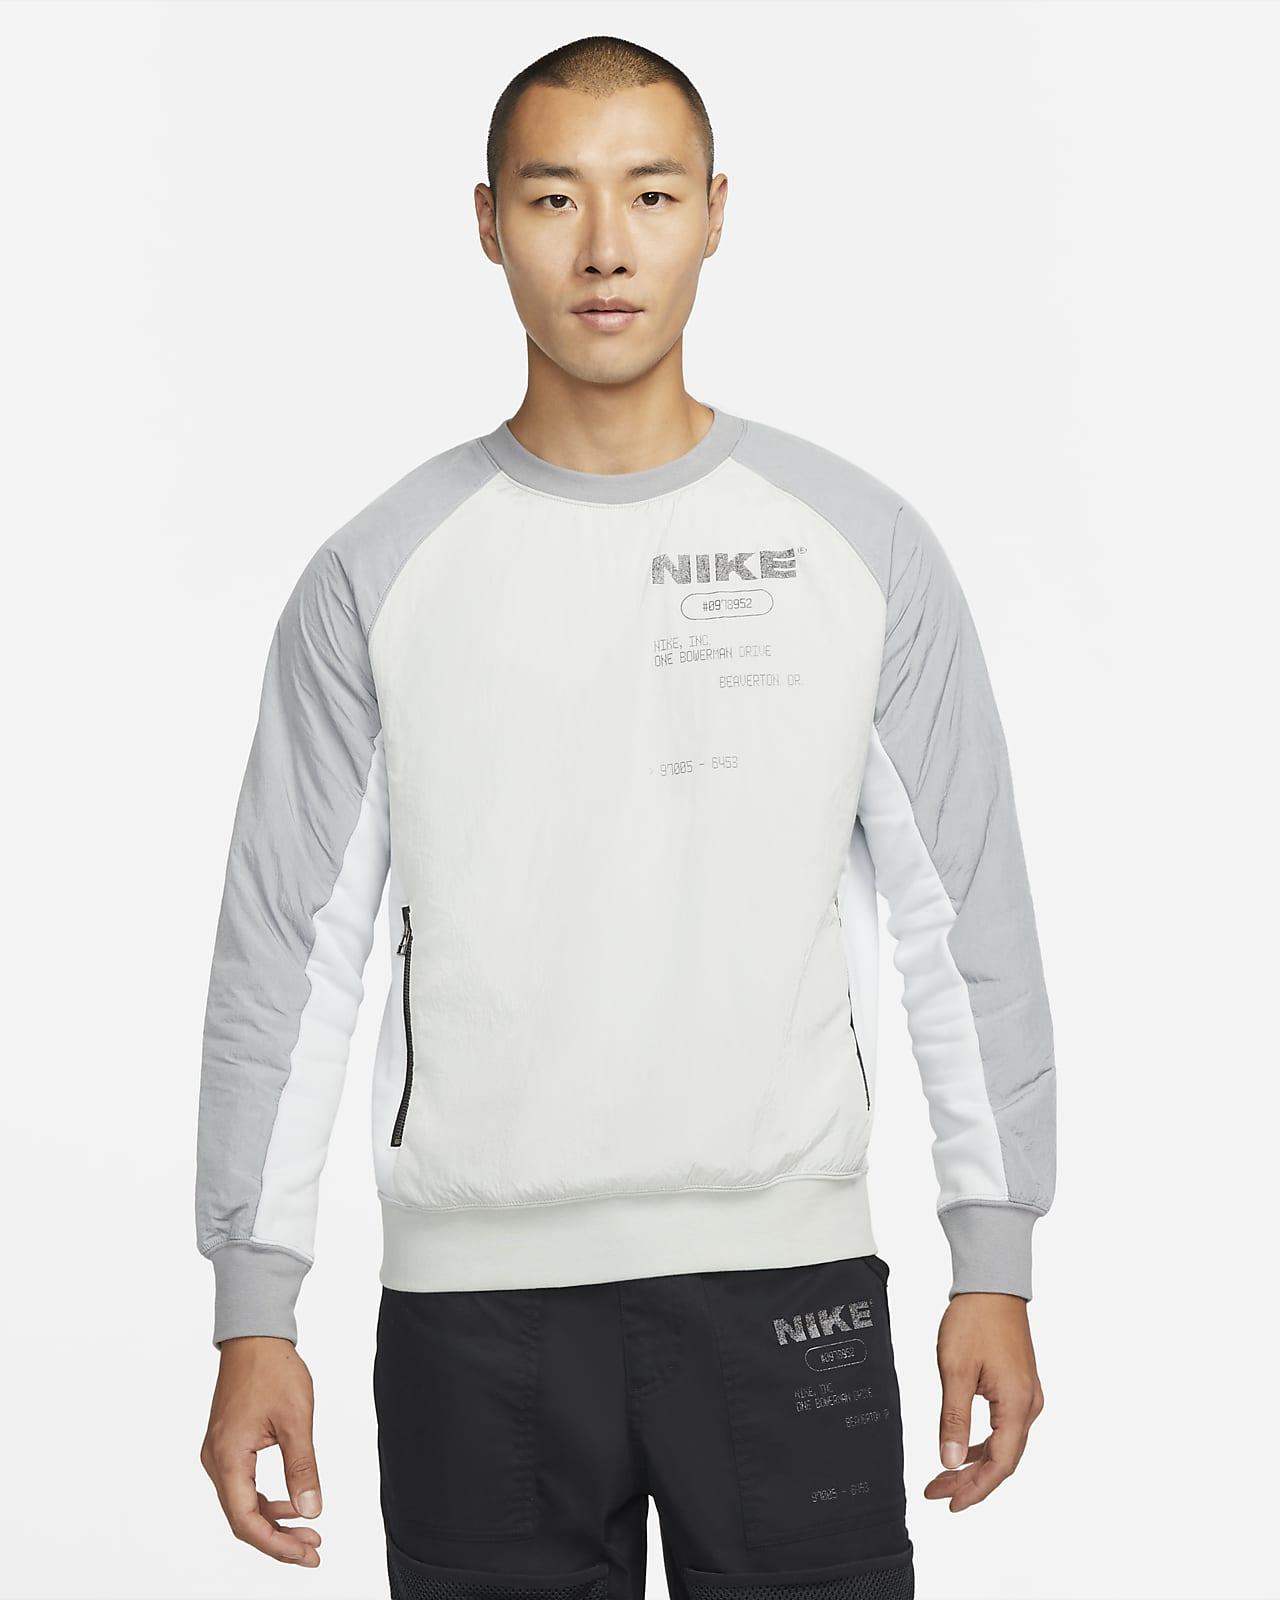 ナイキ スポーツウェア シティ メイド メンズ フレンチ テリー プルオーバー スウェットシャツ